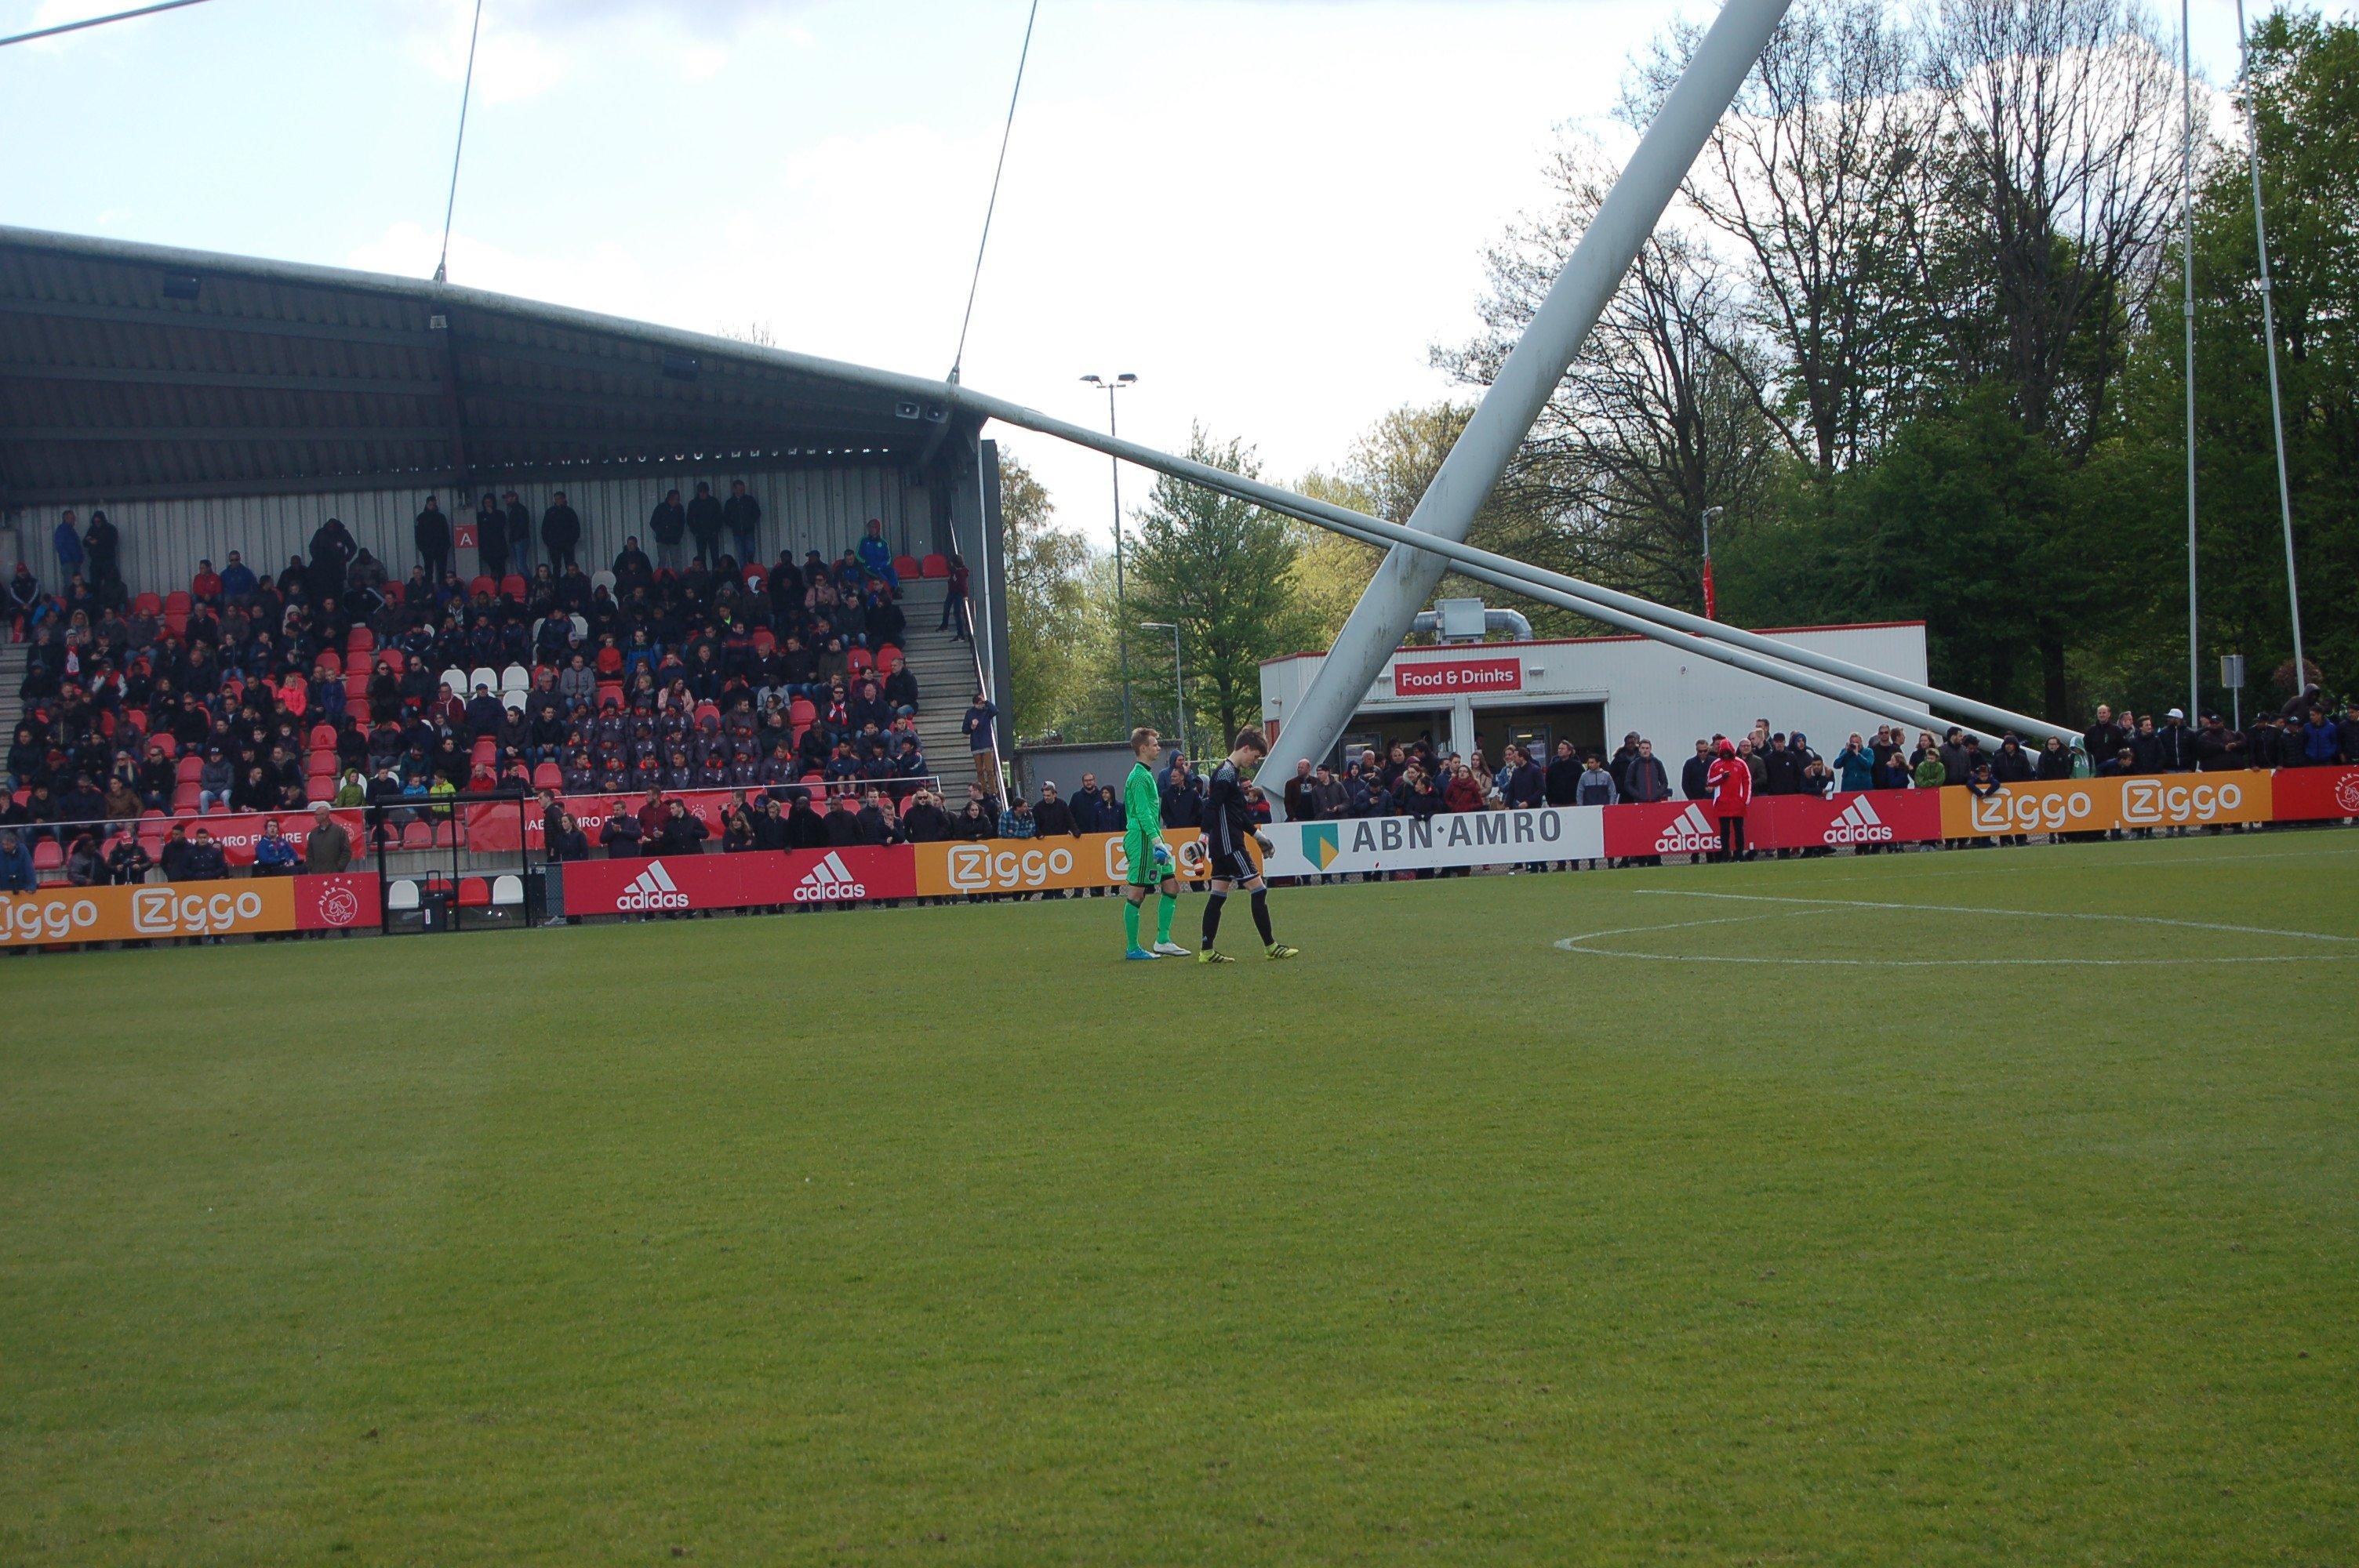 De keepers gaan gebroederlijk naar de goal, na een handdruk: Sportief!